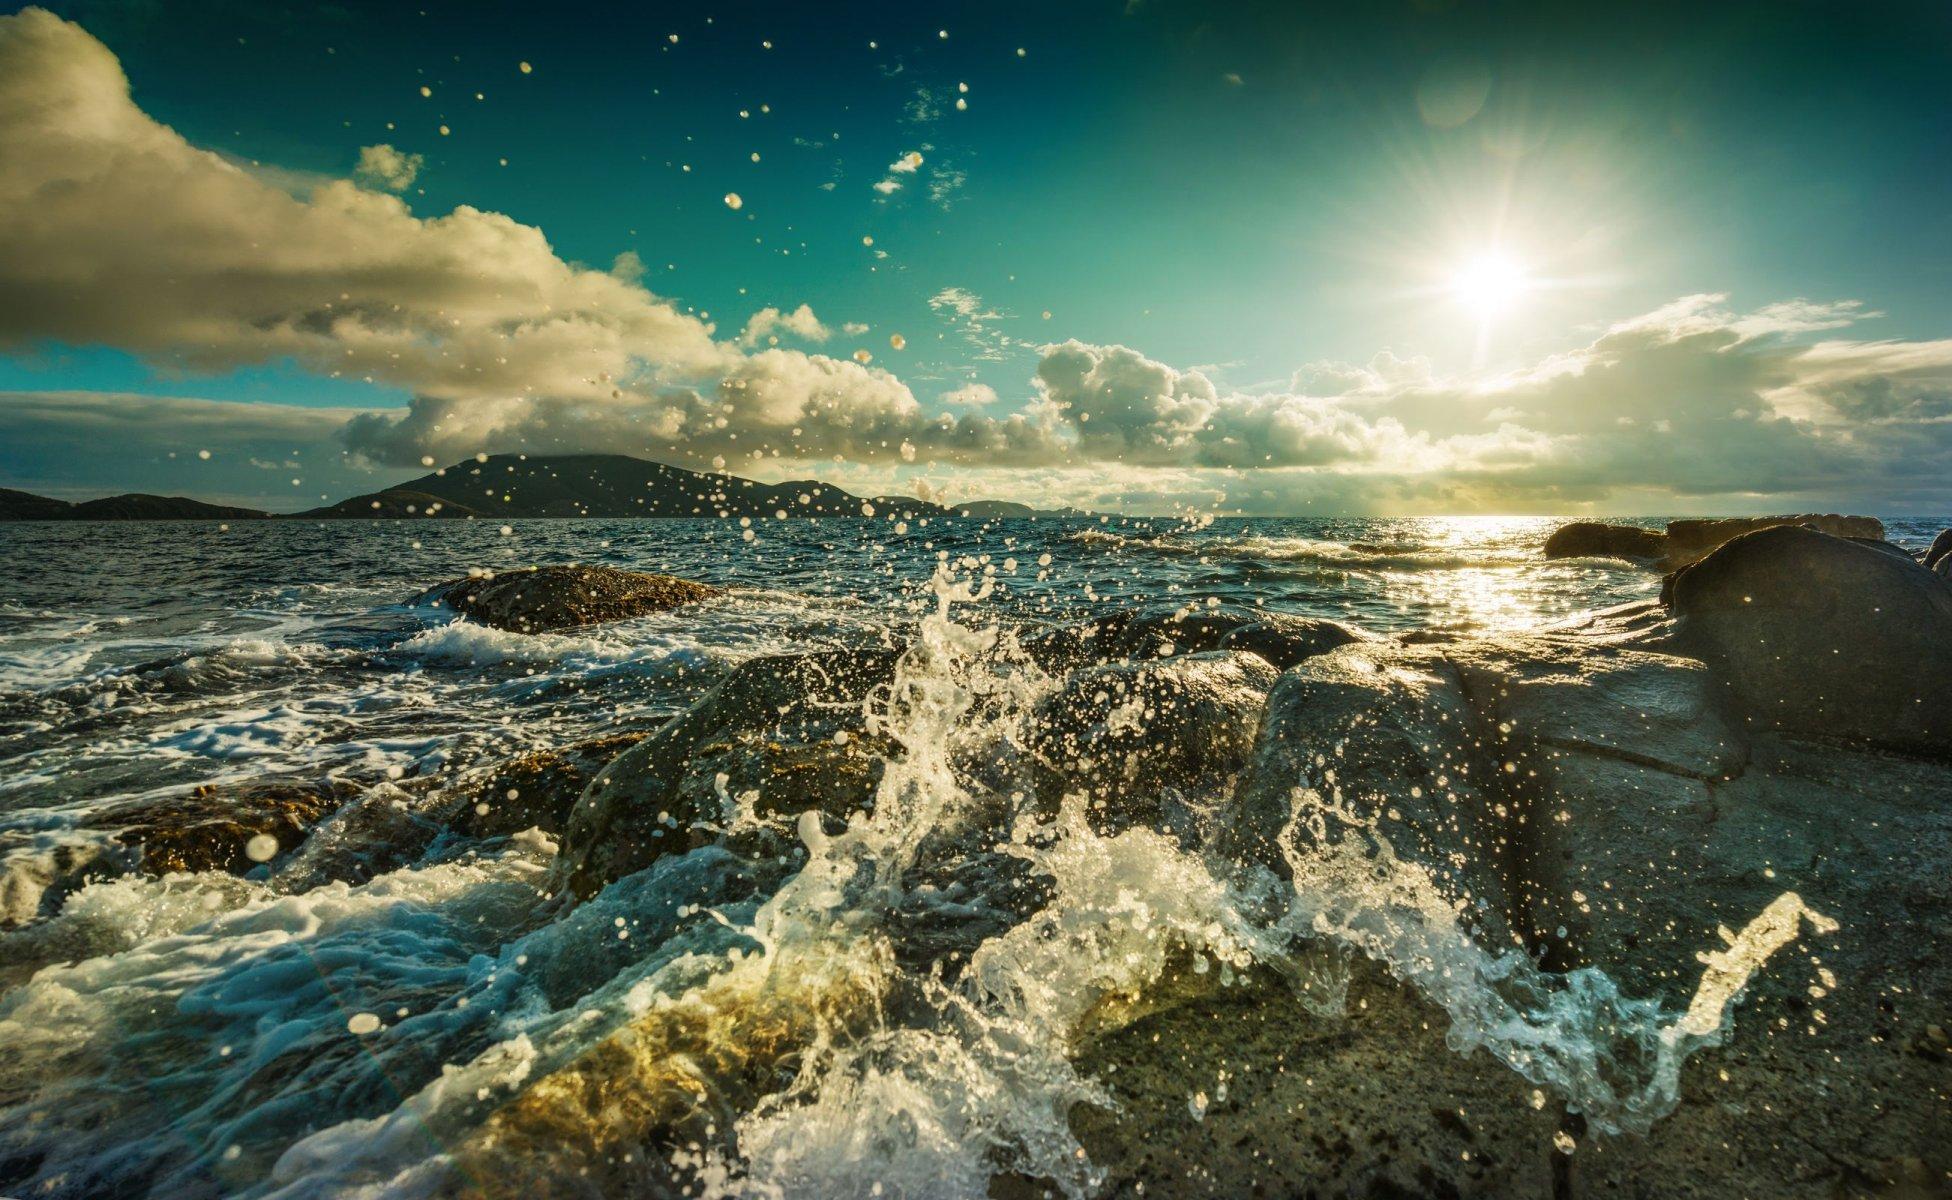 этих океан фото в высоком качестве на рабочий стол всегда хотелось